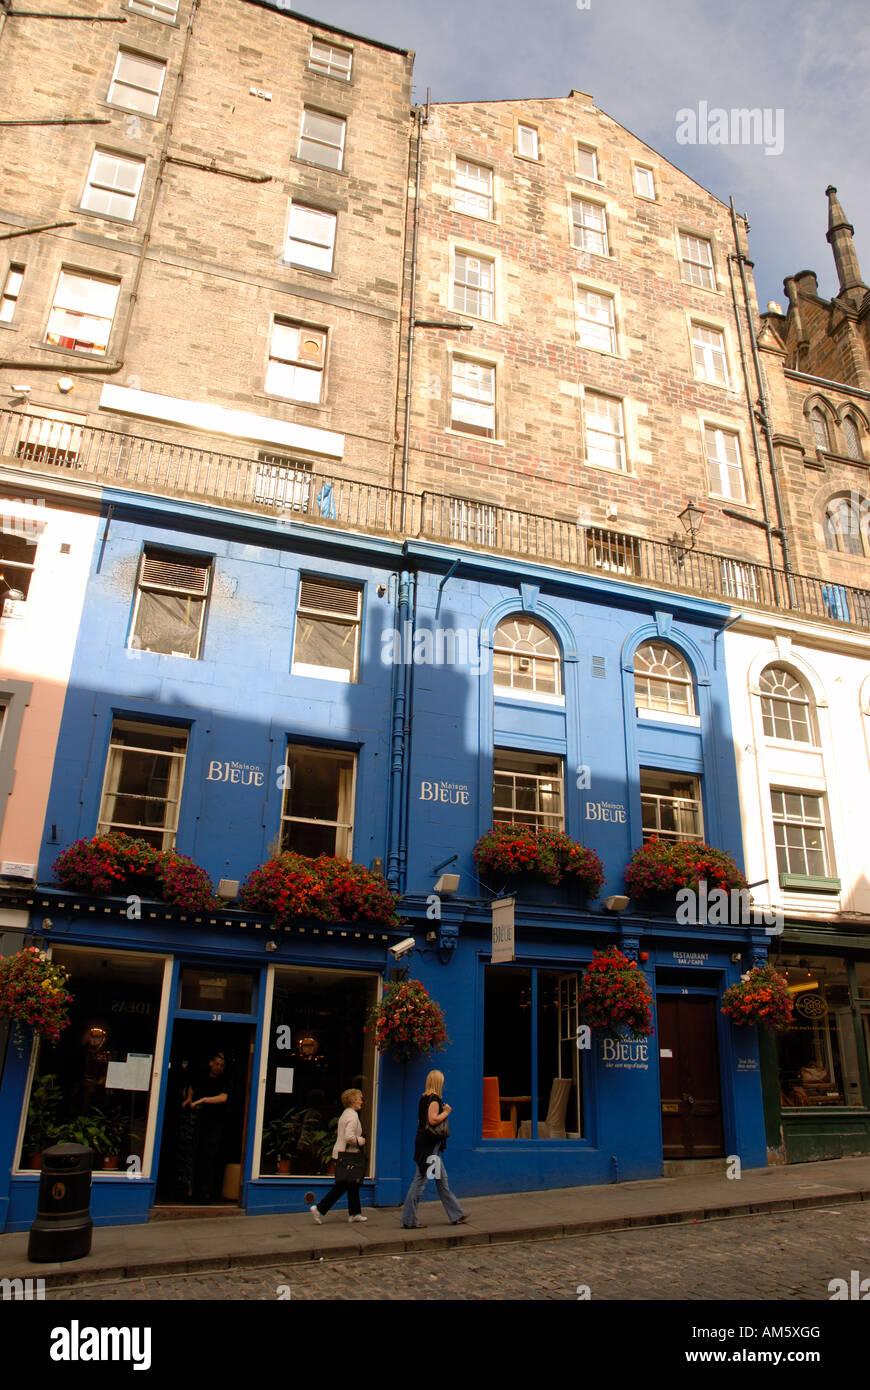 La maison bleue victoria street edinburgh scotland stock photo royalty free image 15158943 alamy - Maison bleue mobel ...